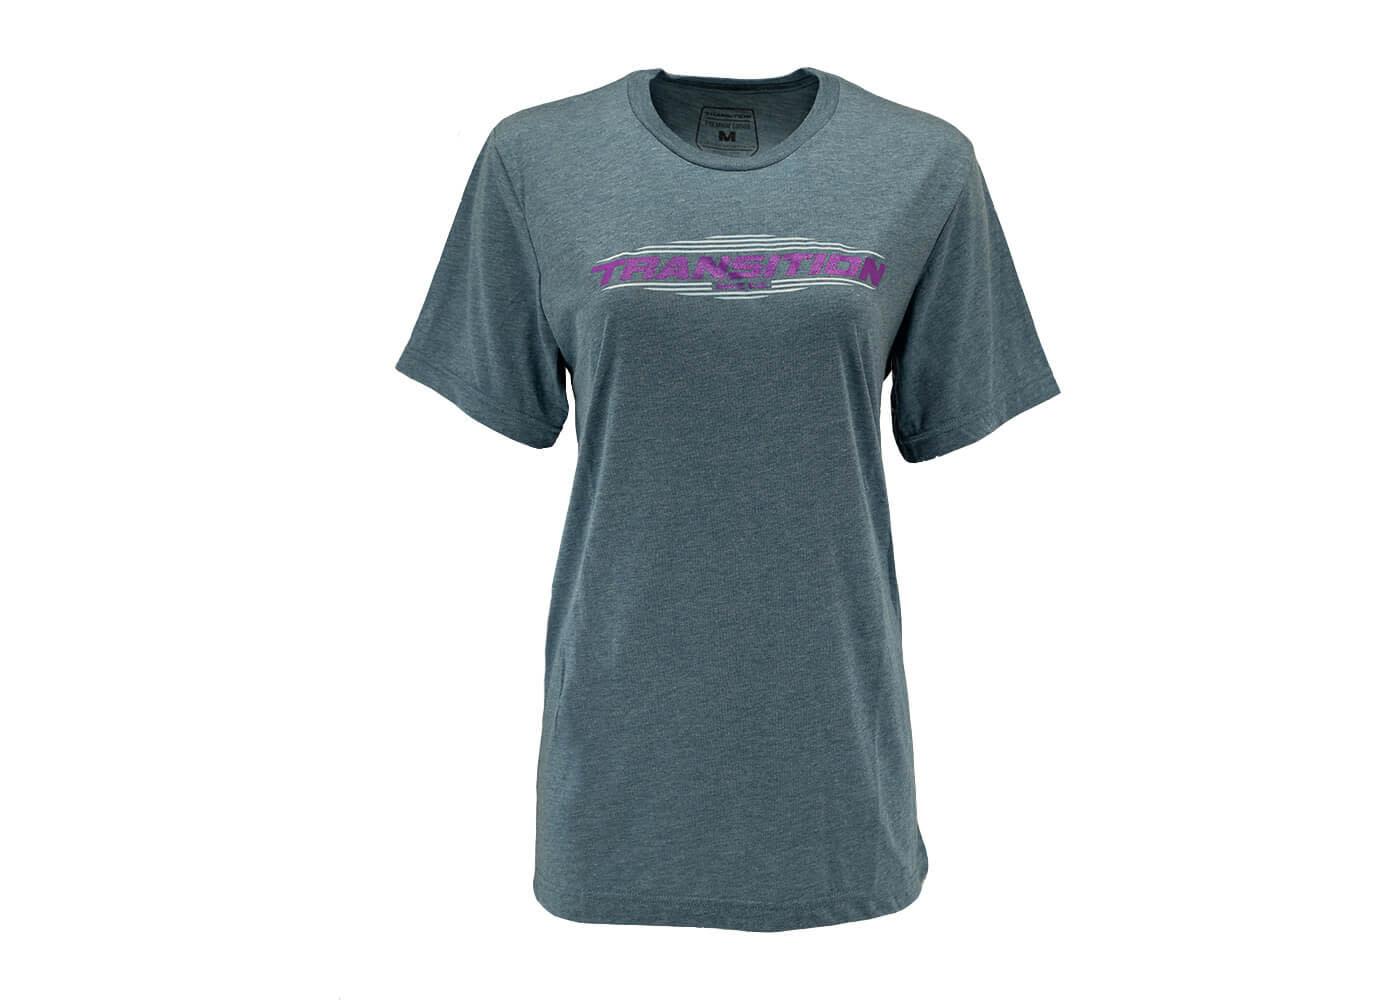 Transition Womens T-Shirt: Transition Logo (Medium, Midnight Blue)